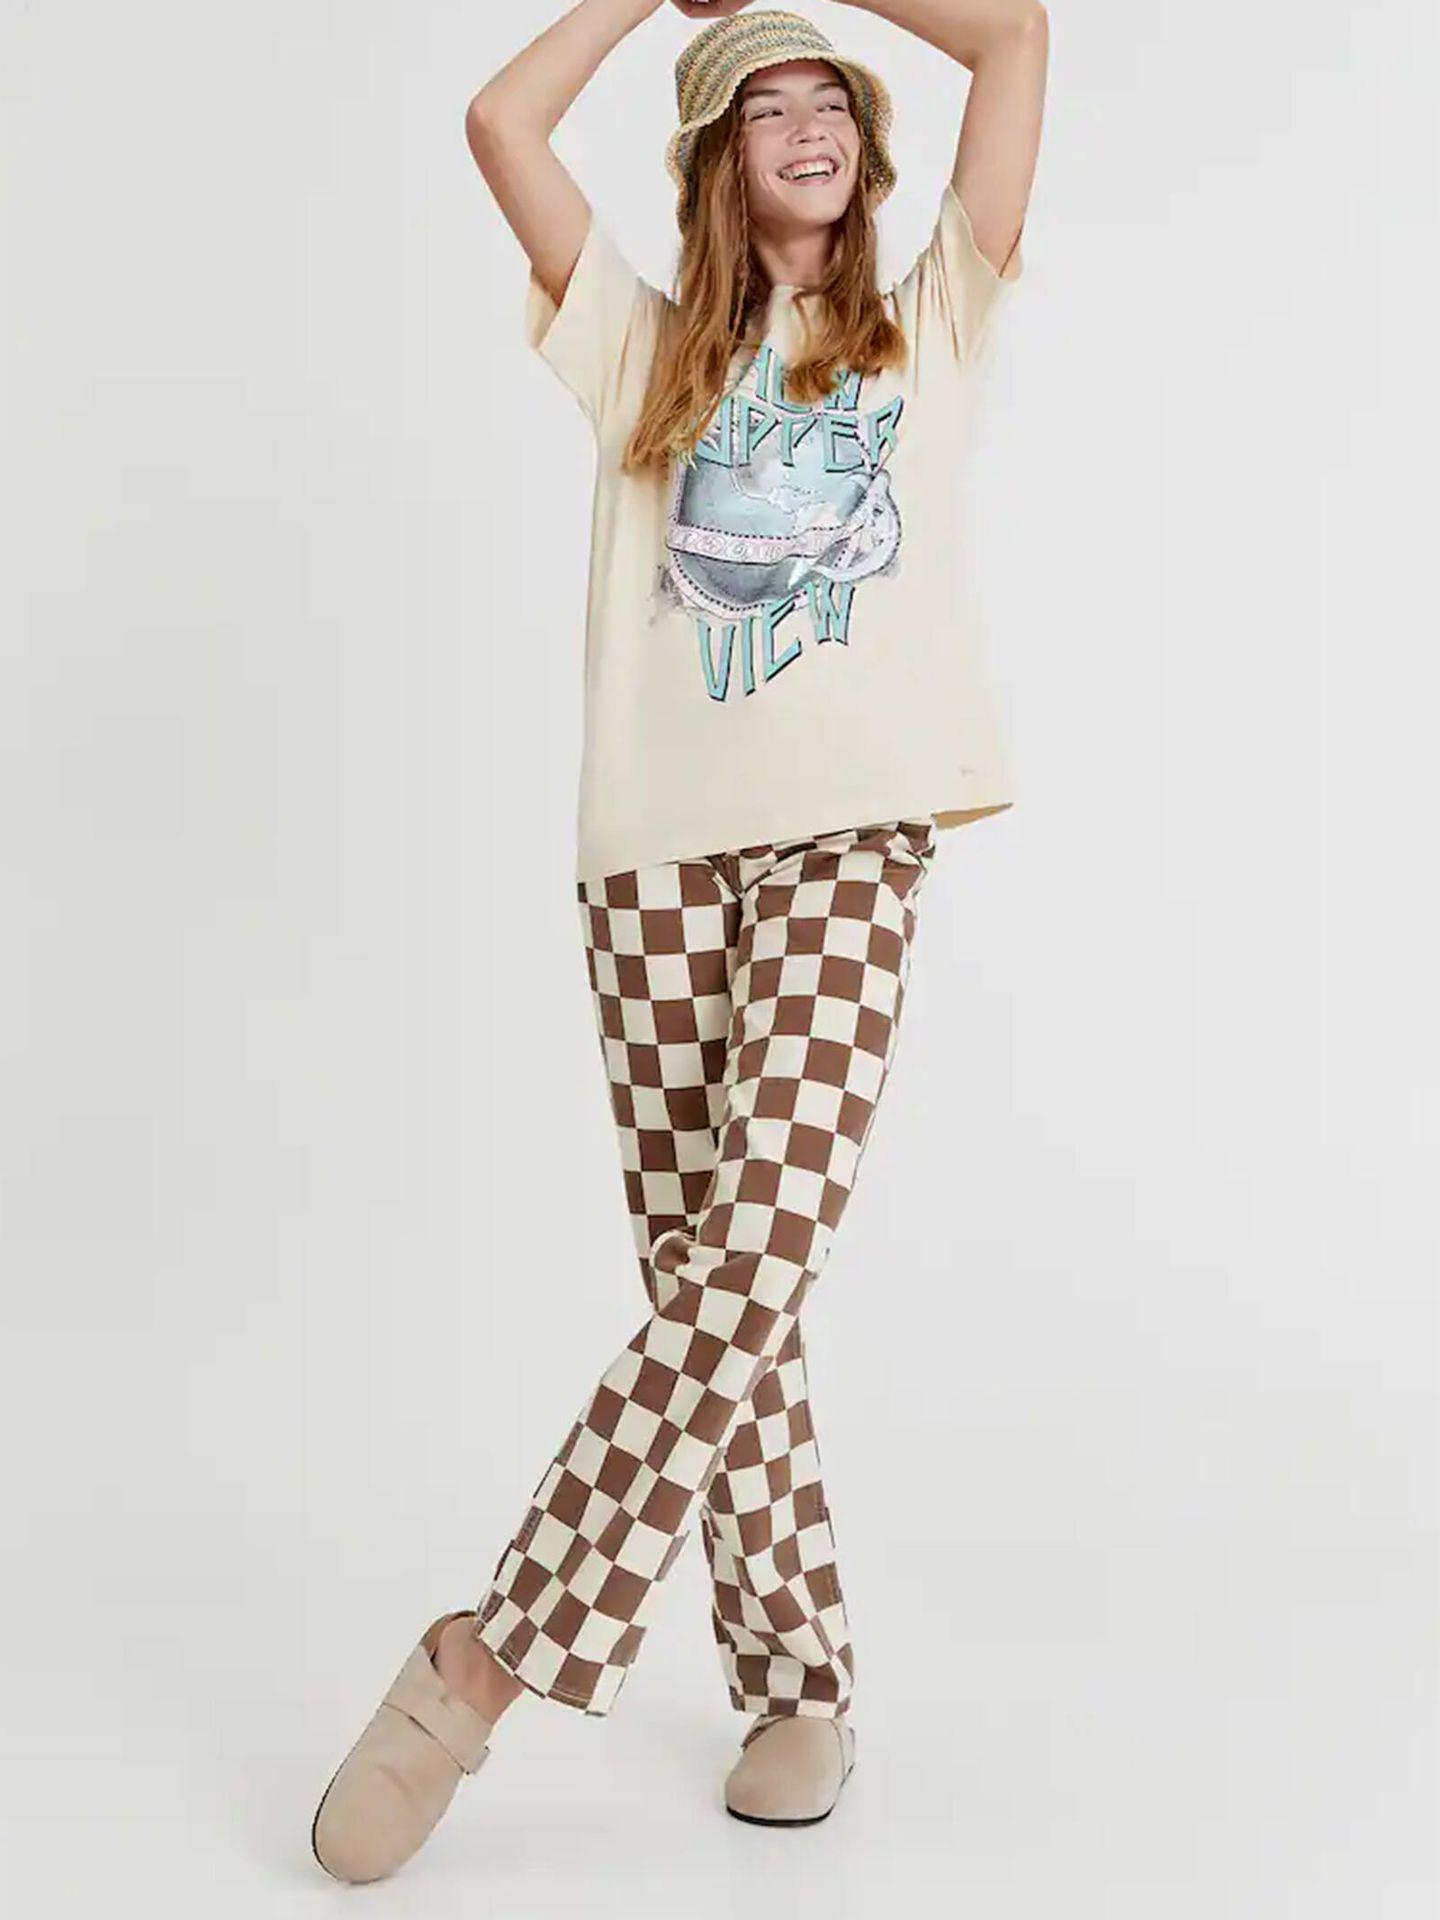 Uno de los pantalones con estampado tablero de ajedrez de Pull and Bear. (Cortesía)